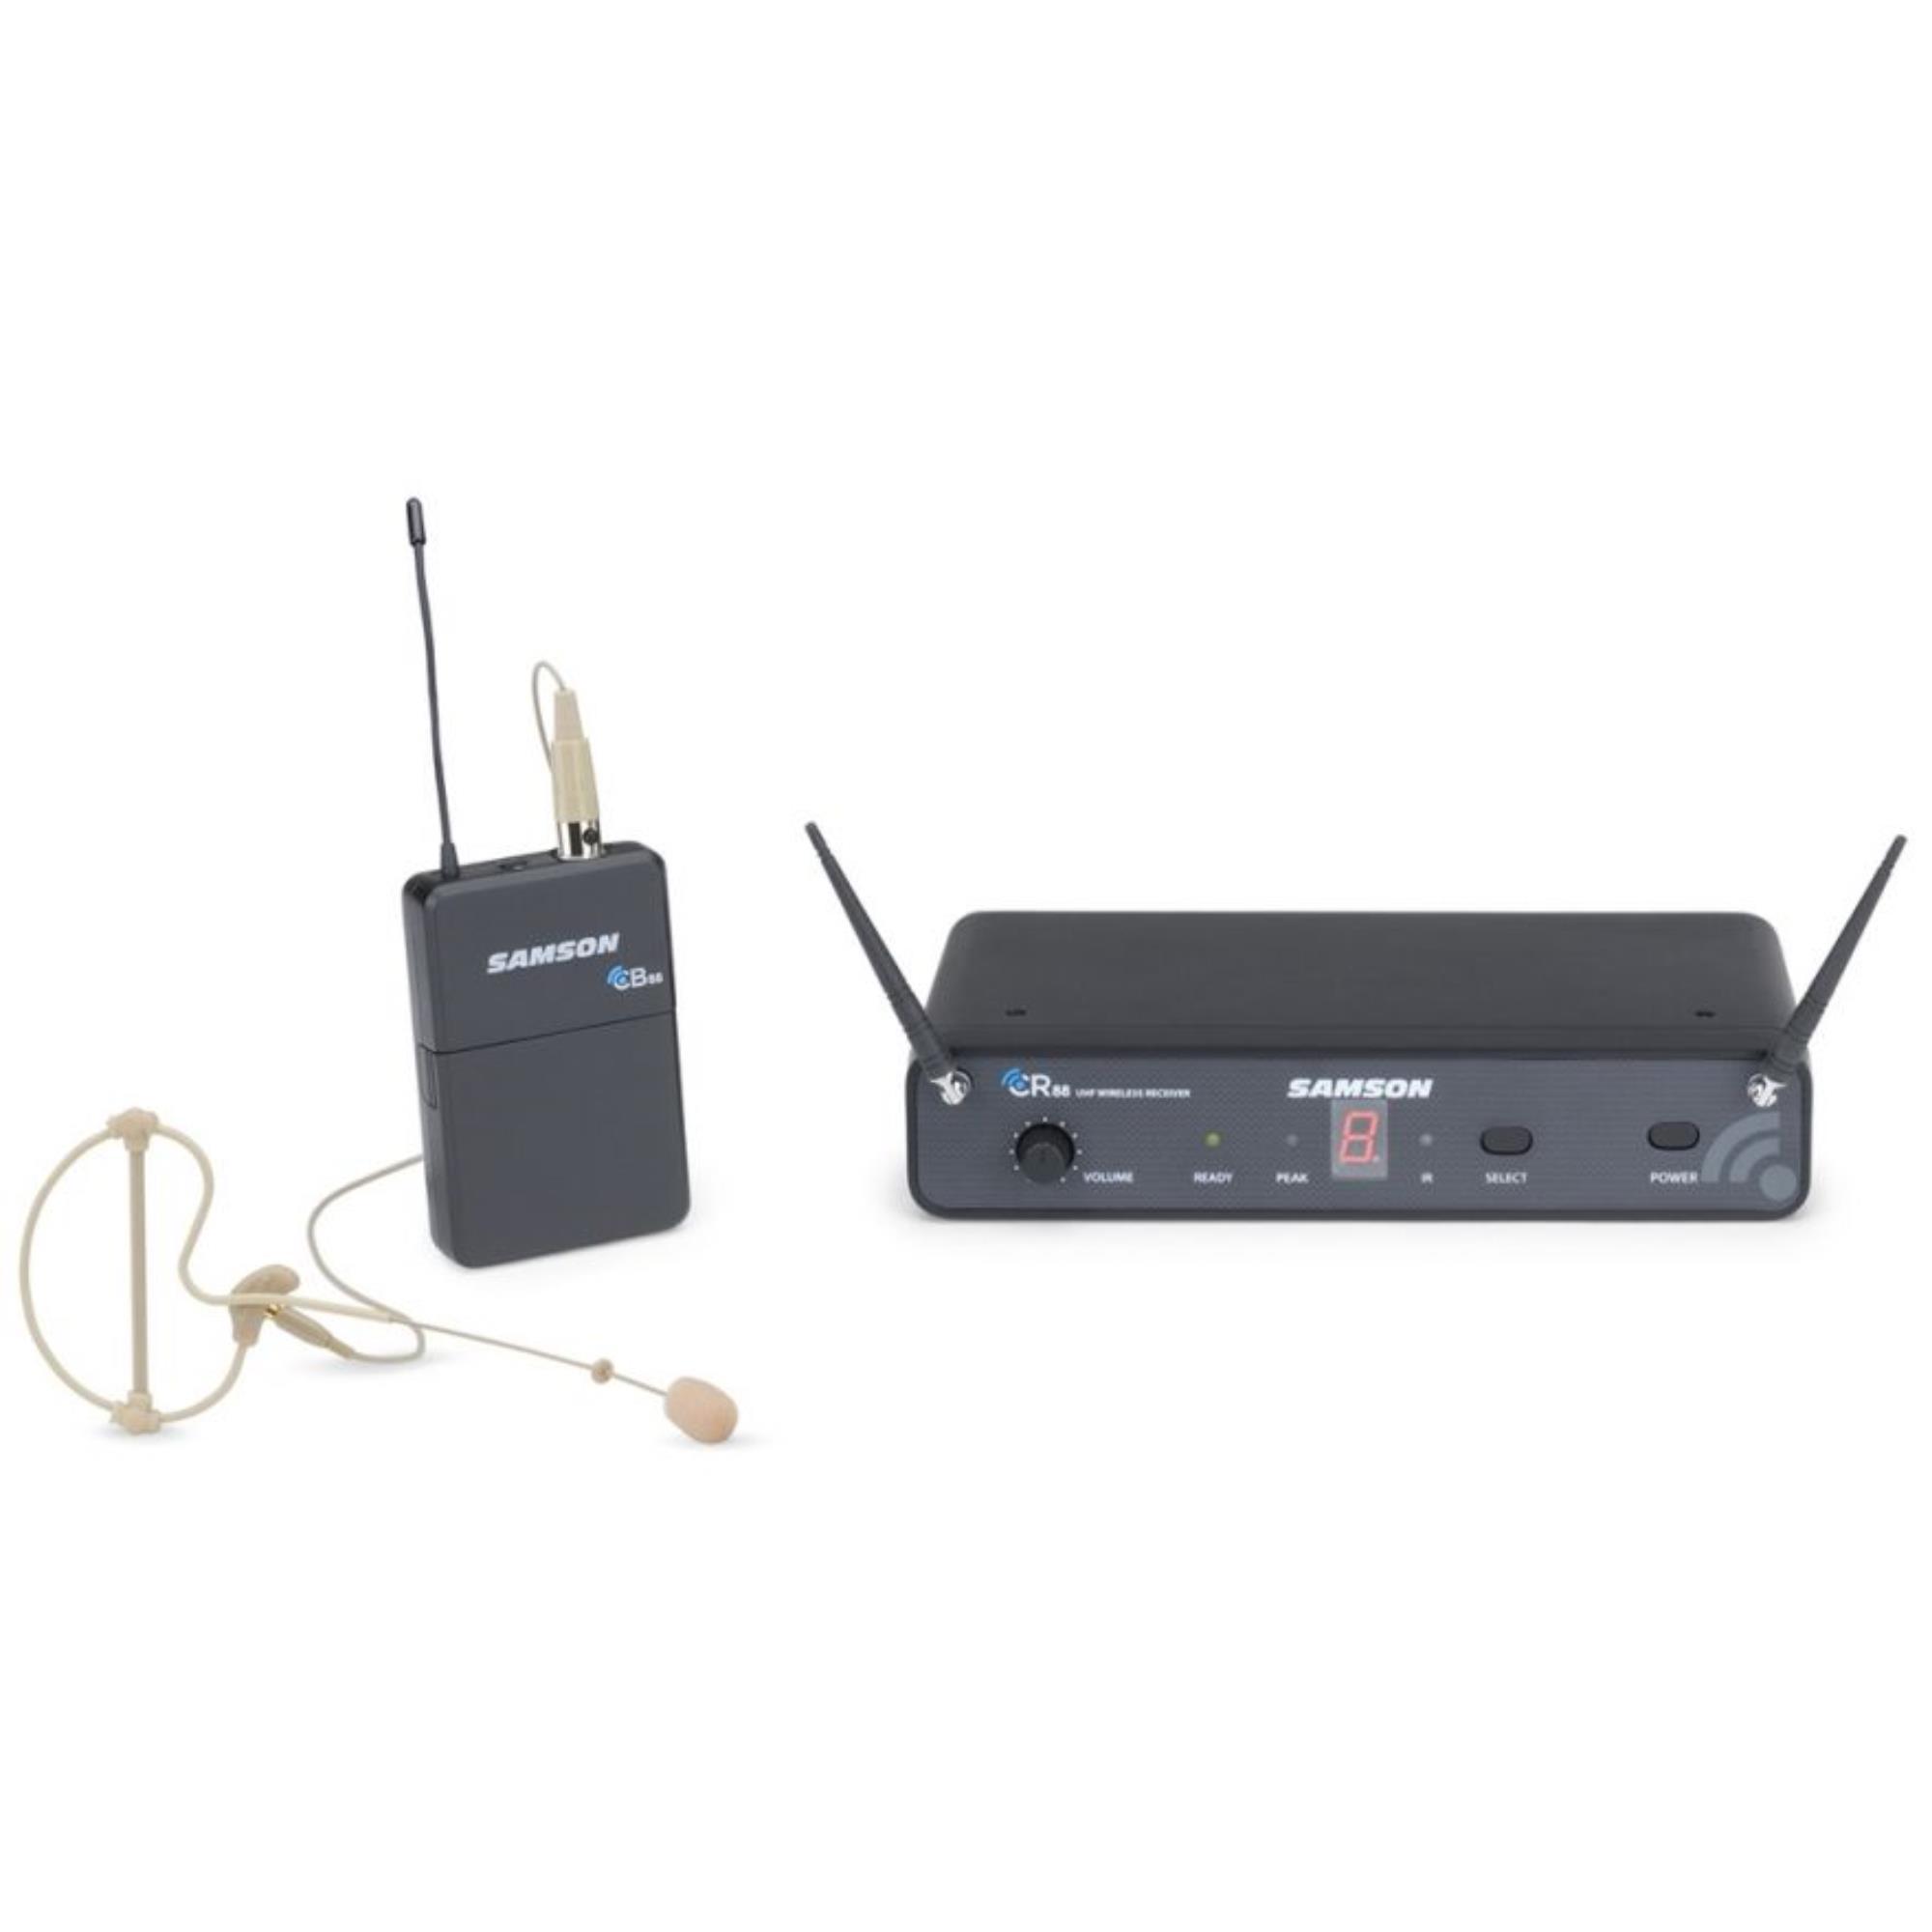 Samson-CONCERT-88-UHF-Earset-System-F-863-865-MHz-sku-7649290644086